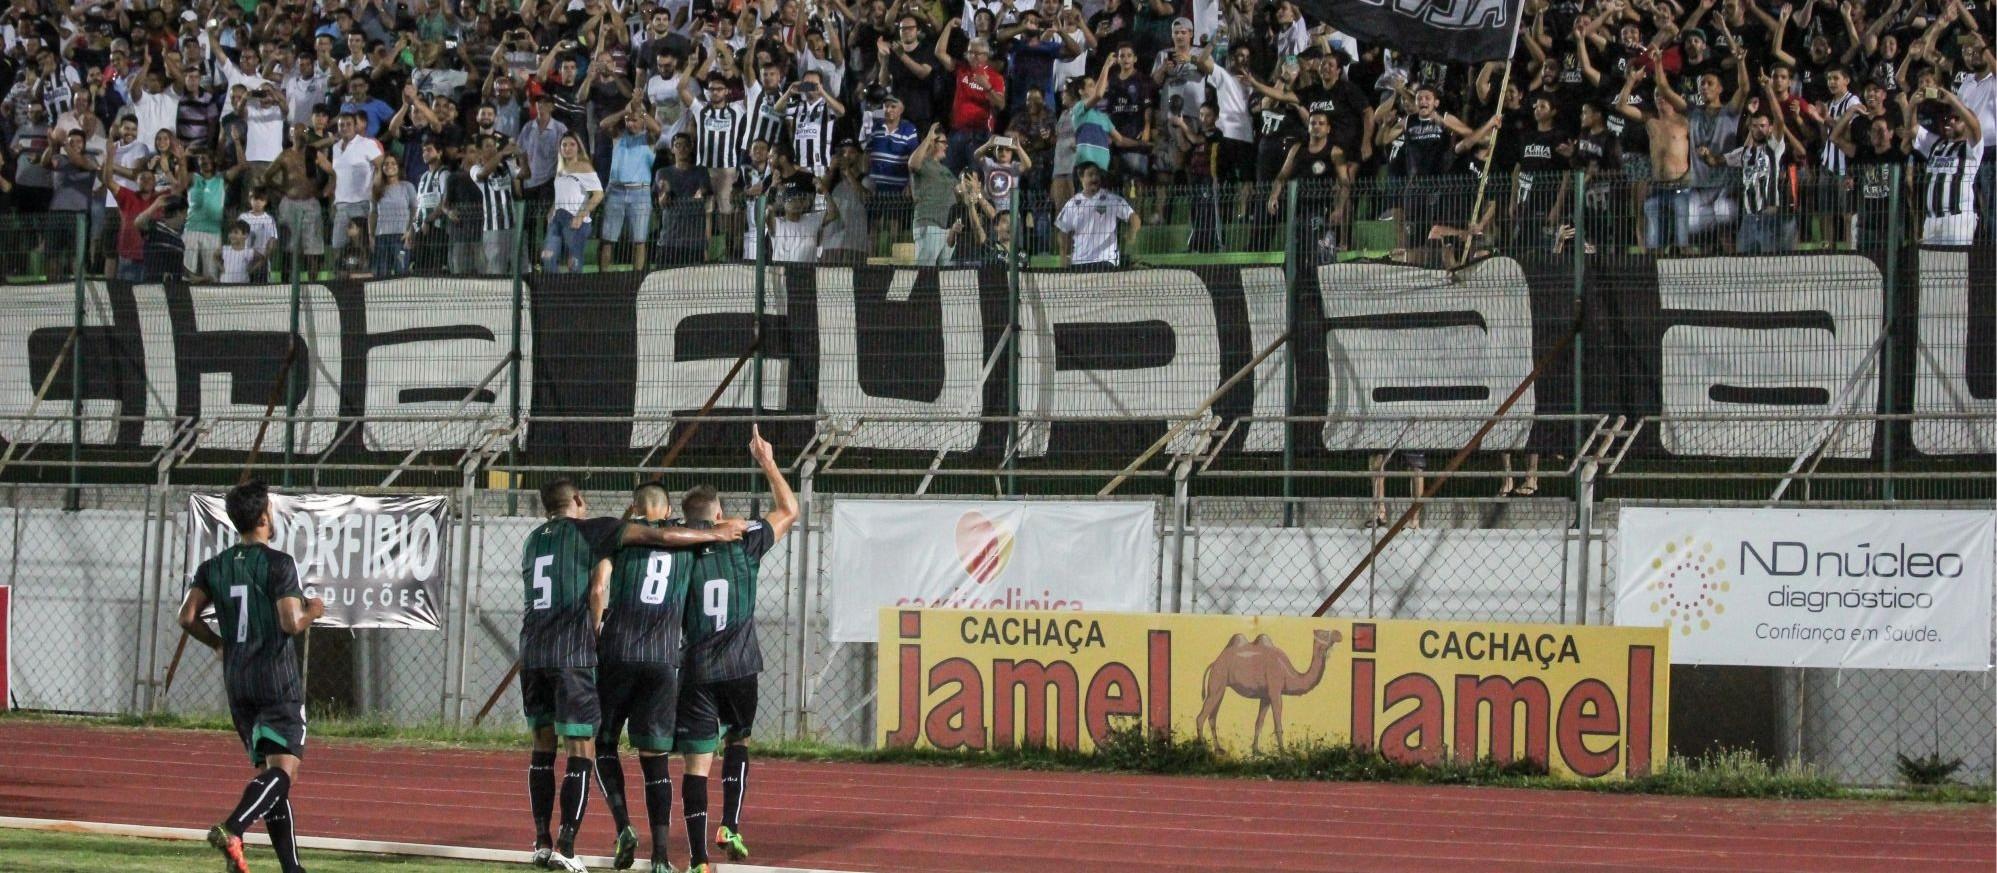 Crescendo no campeonato, Maringá FC encara o Cianorte